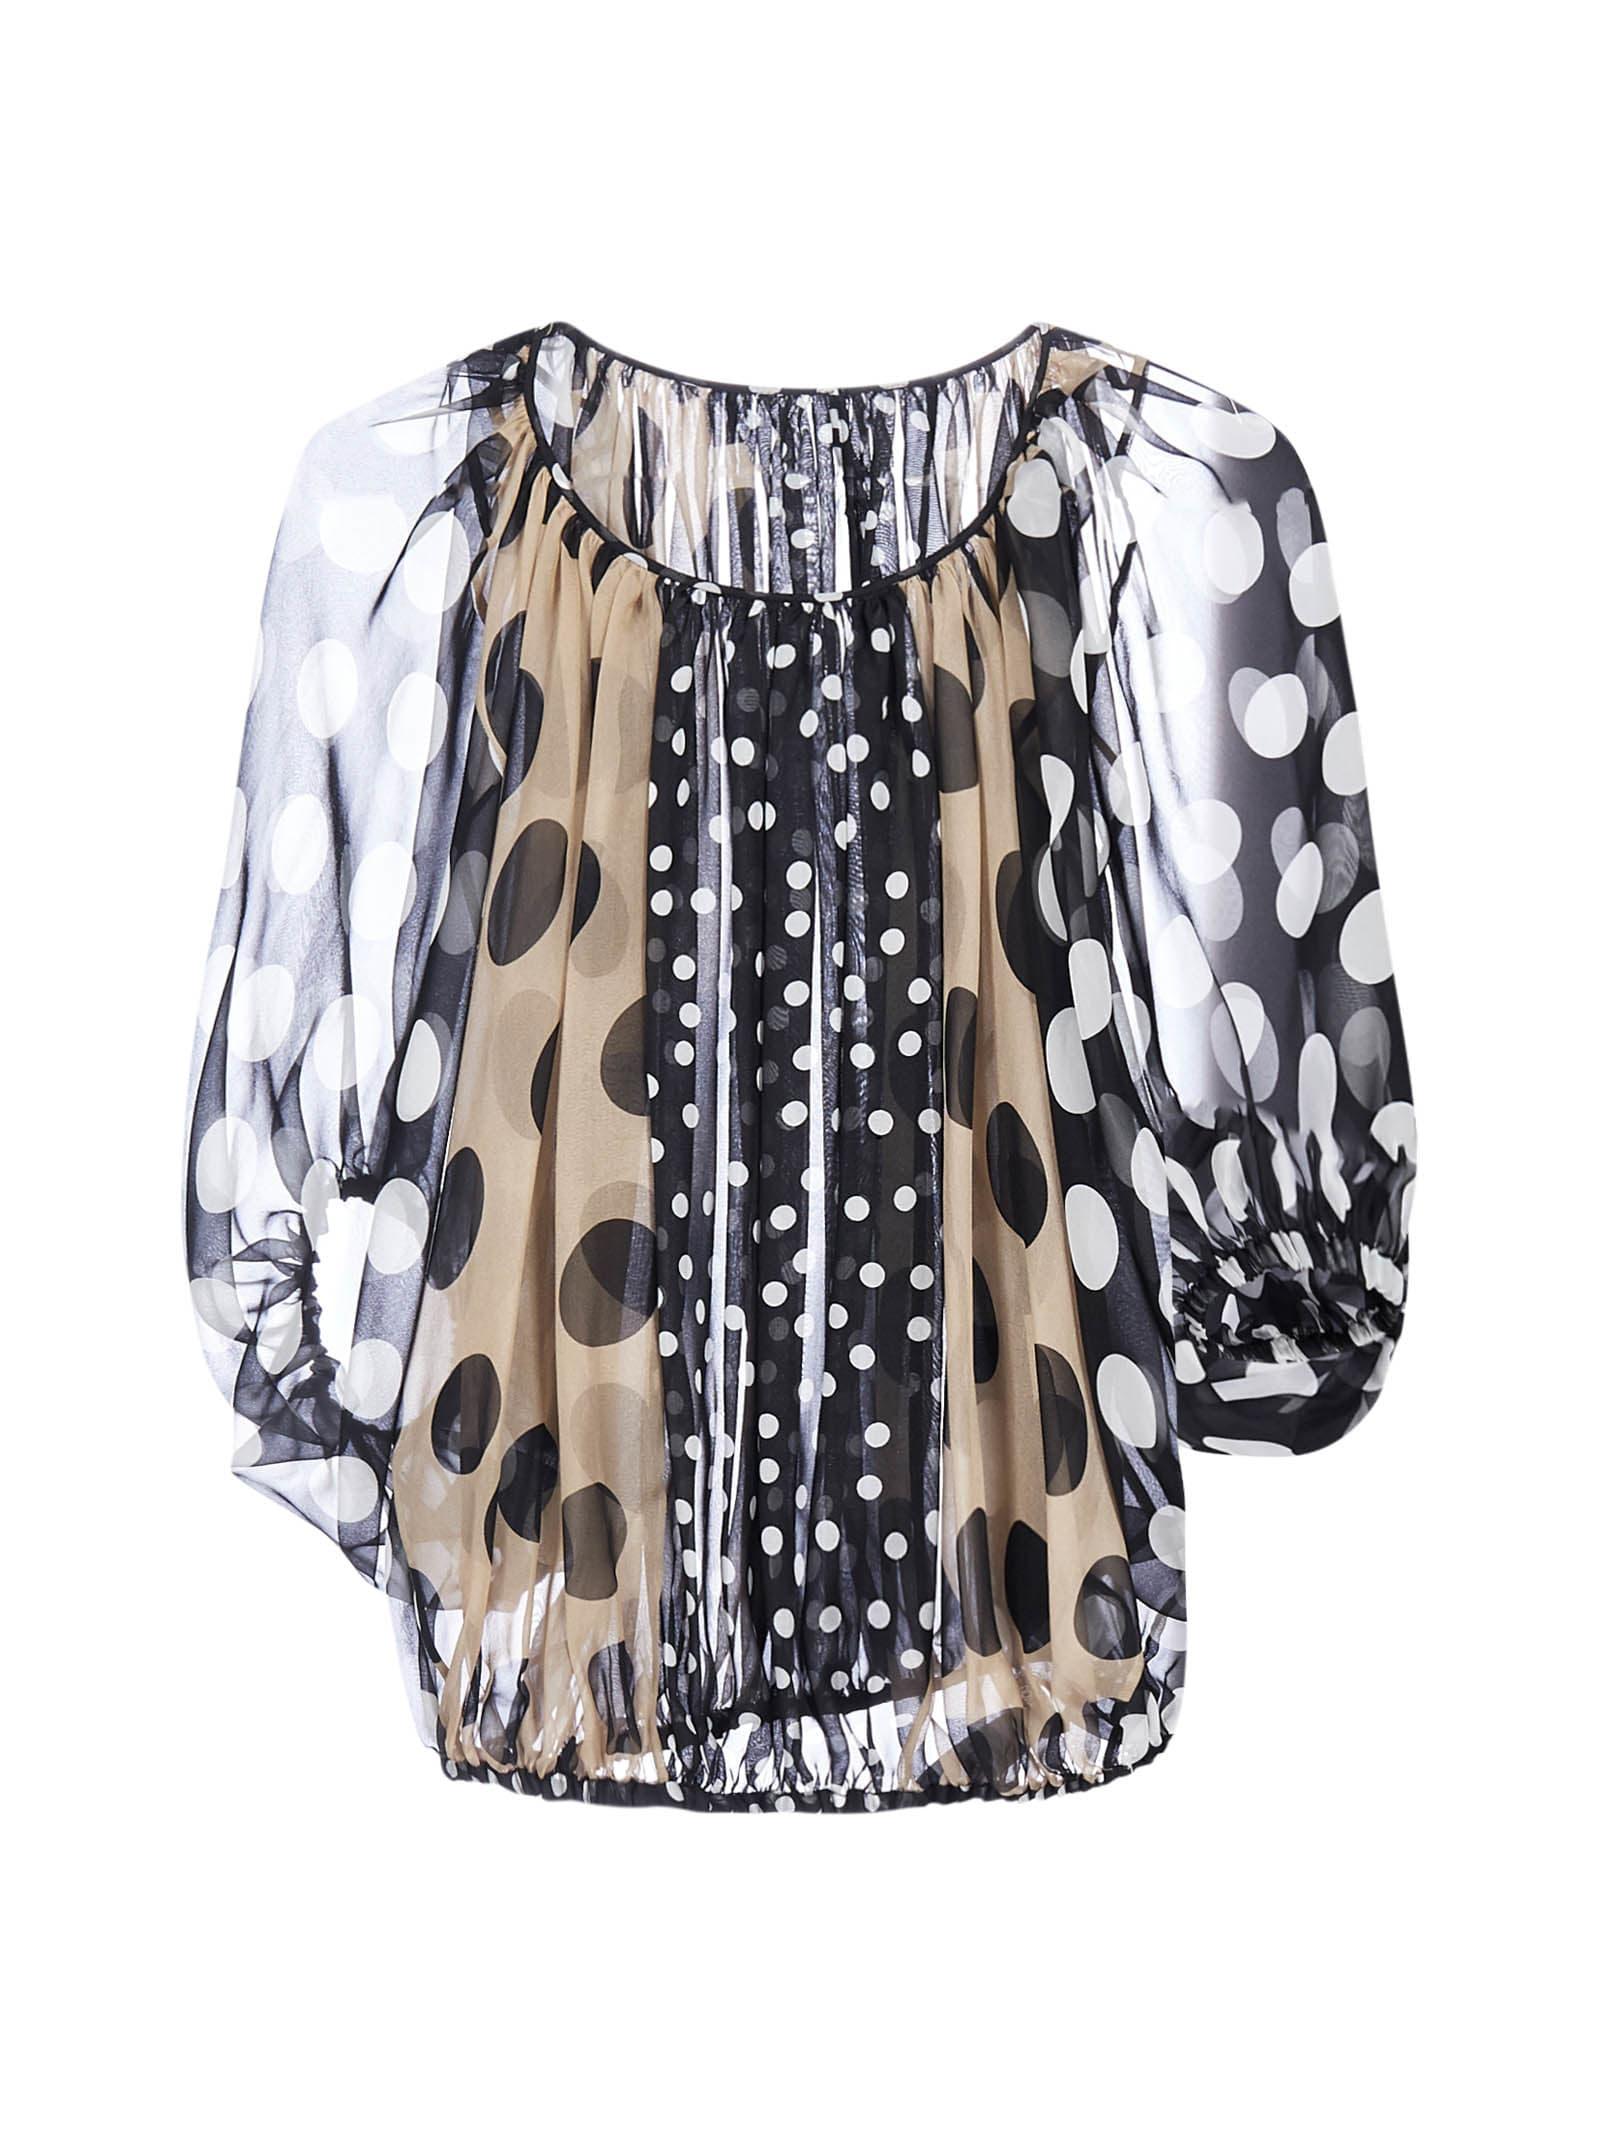 Dolce & Gabbana Silks TOP